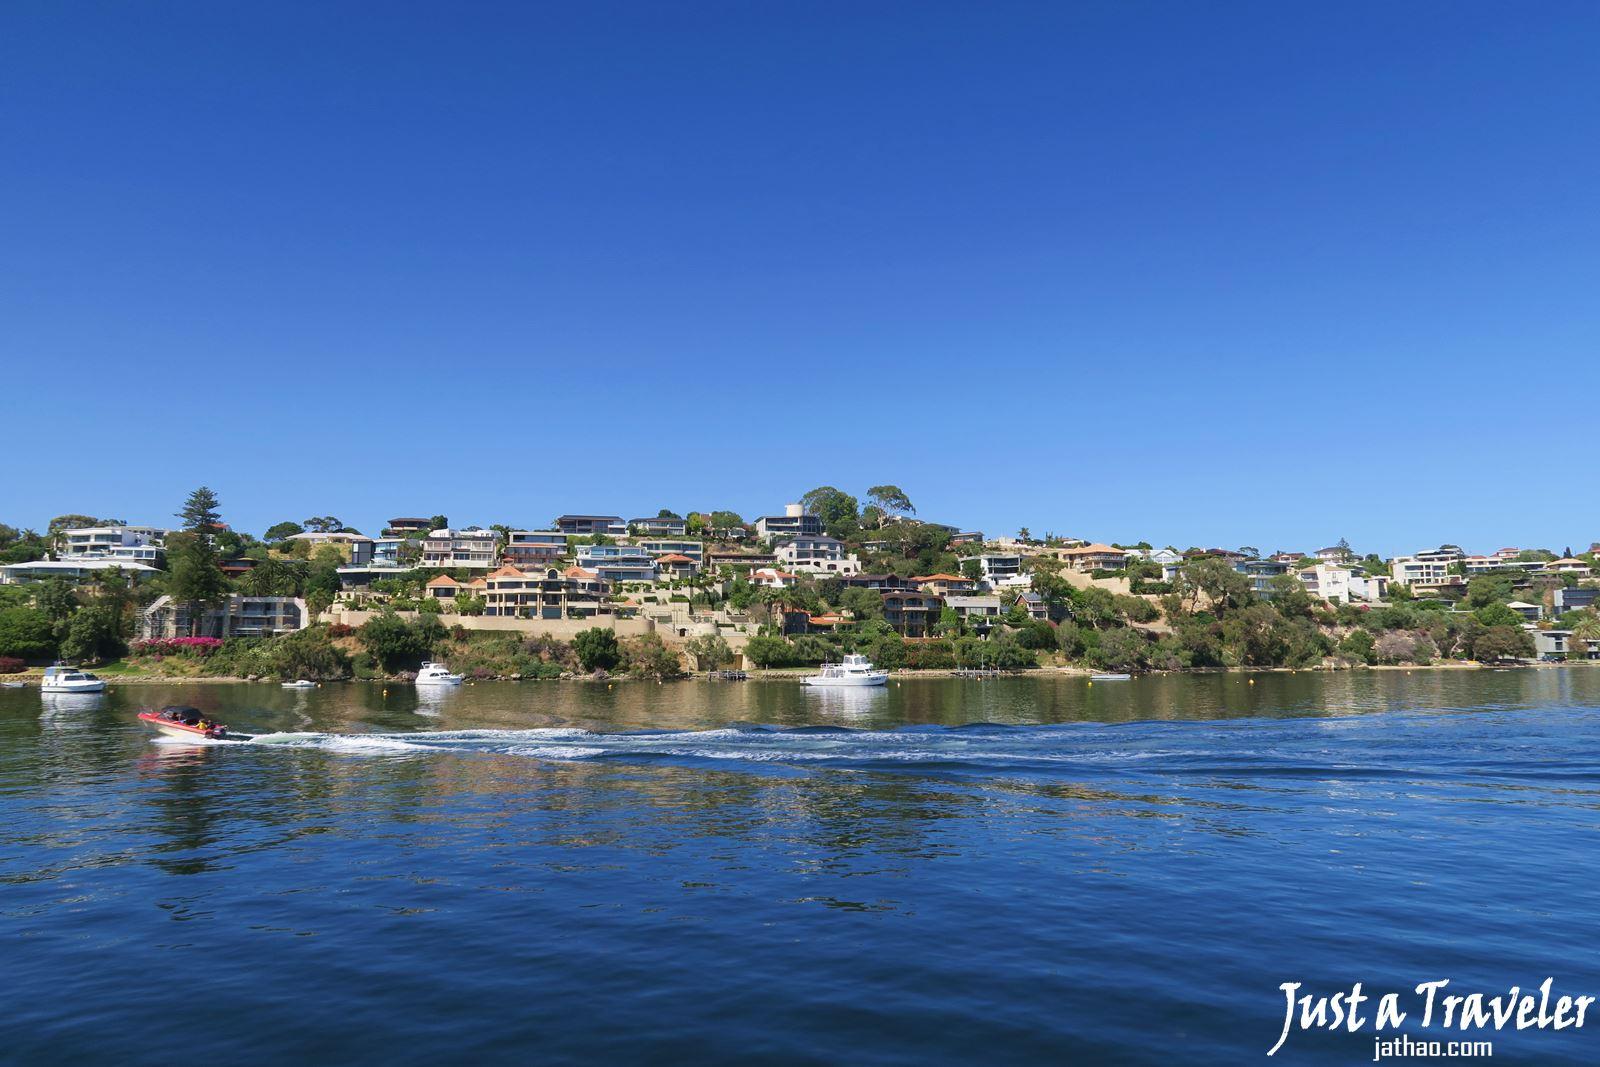 澳洲-西澳-伯斯-景點-羅特尼斯島-Rottnest Island-渡輪-推薦-自由行-交通-旅遊-遊記-攻略-行程-一日遊-二日遊-必玩-必遊-Perth